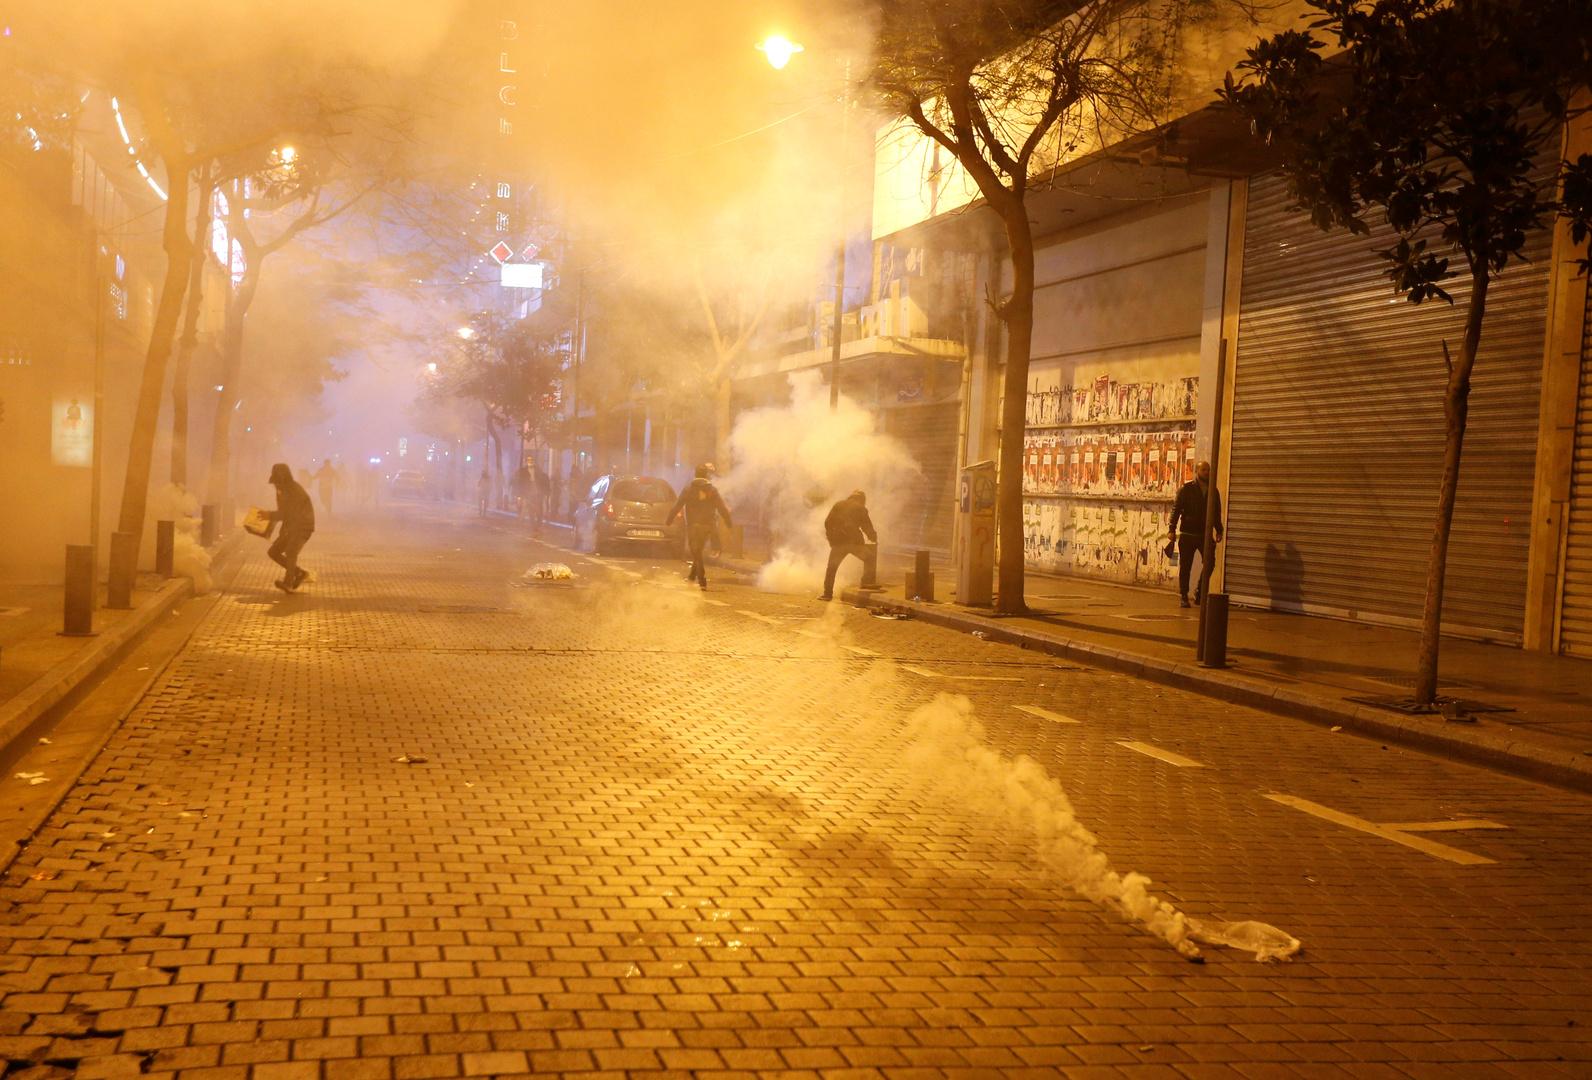 انفجار الاحتجاجات يهدد الشرق الأوسط